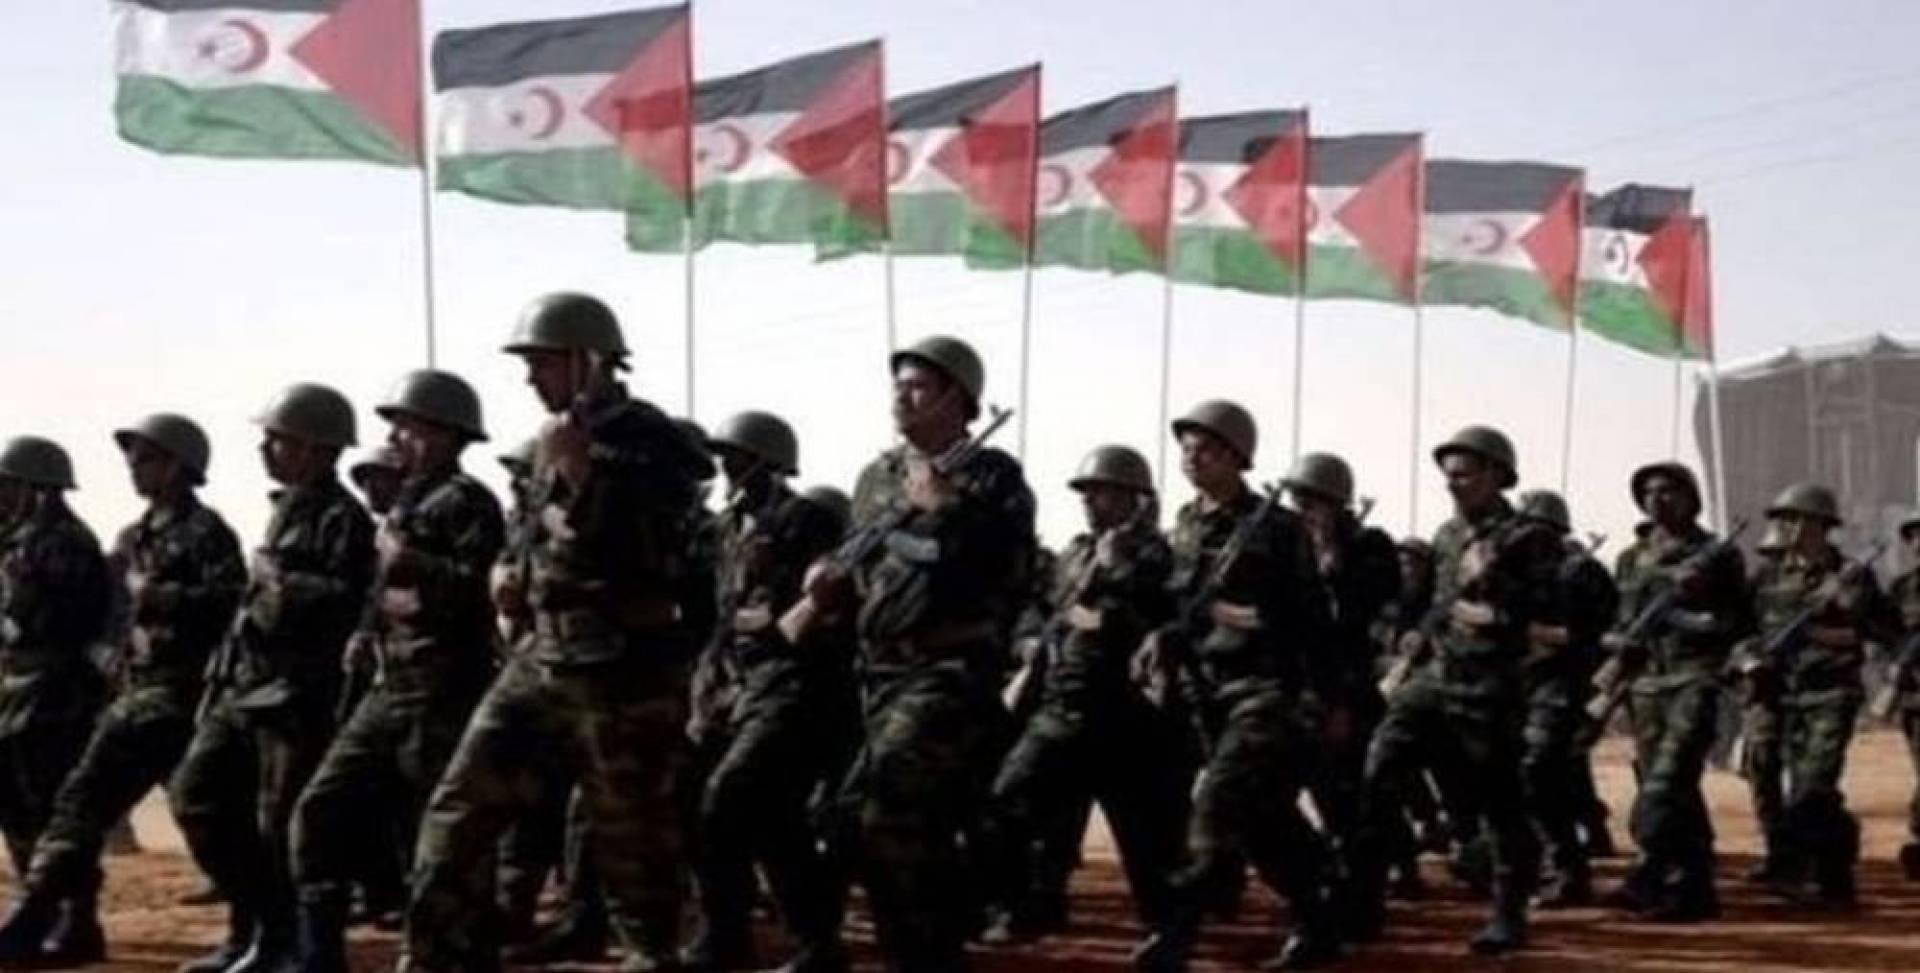 اعتراف ترامب بسيادة المغرب على الصحراء الغربية يدق طبول الحرب